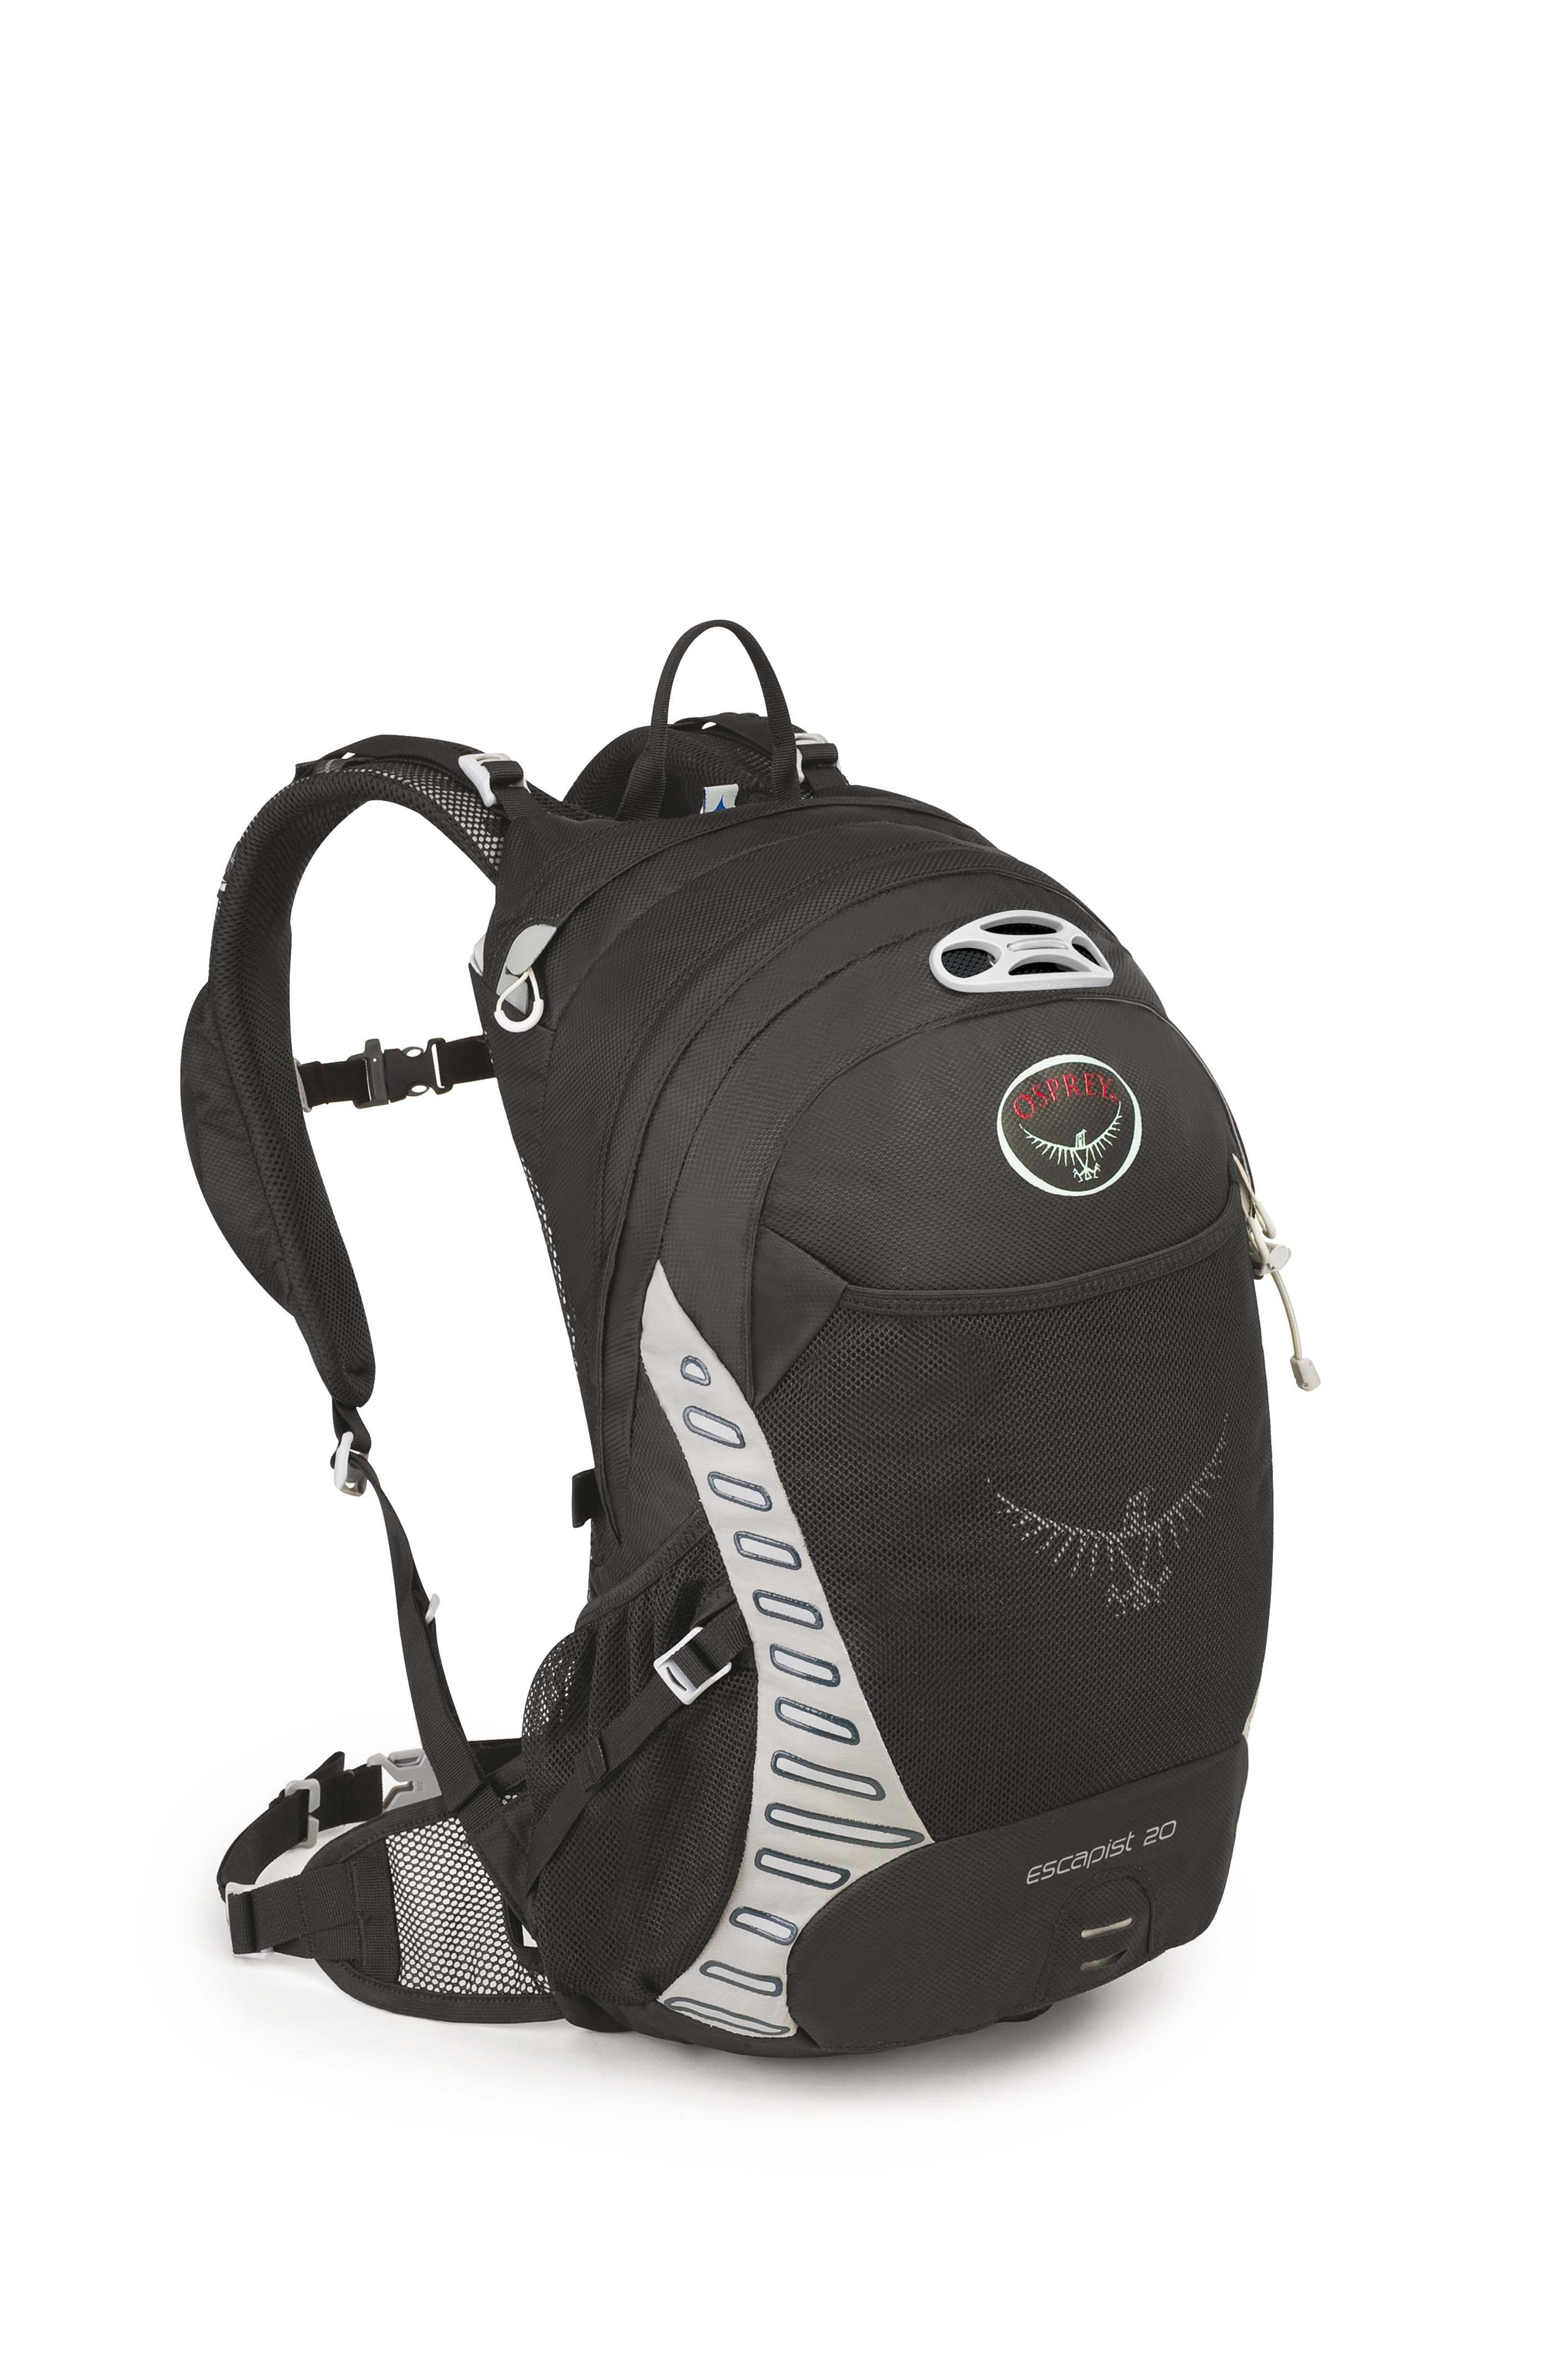 Osprey Escapist 20 Grit-30